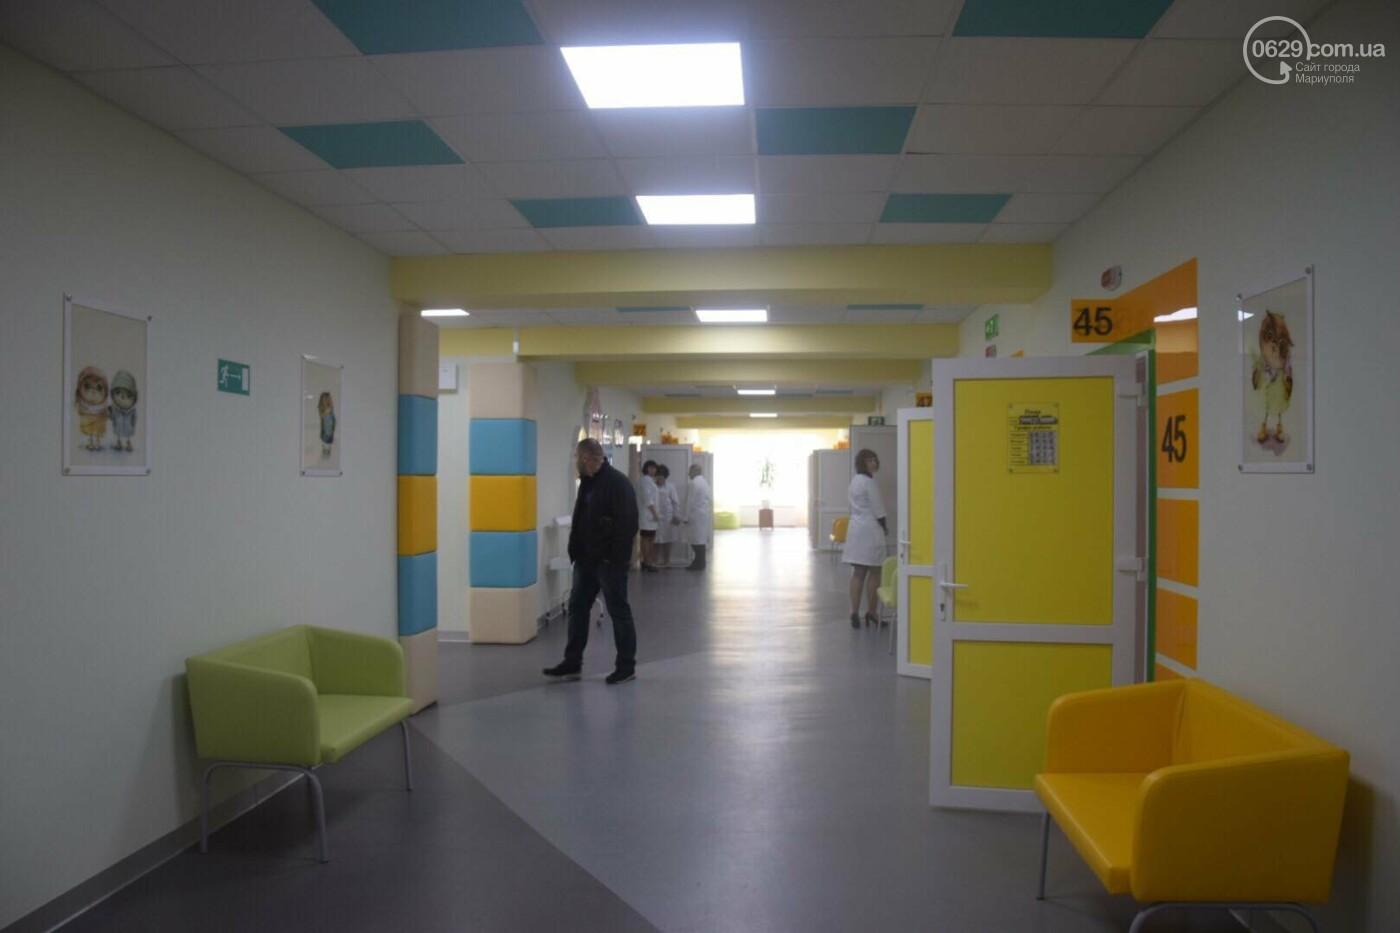 В Мариуполе Владимир Гройсман открыл детскую поликлинику и познакомился с Сережей, - ФОТОРЕПОРТАЖ, ВИДЕО, фото-9